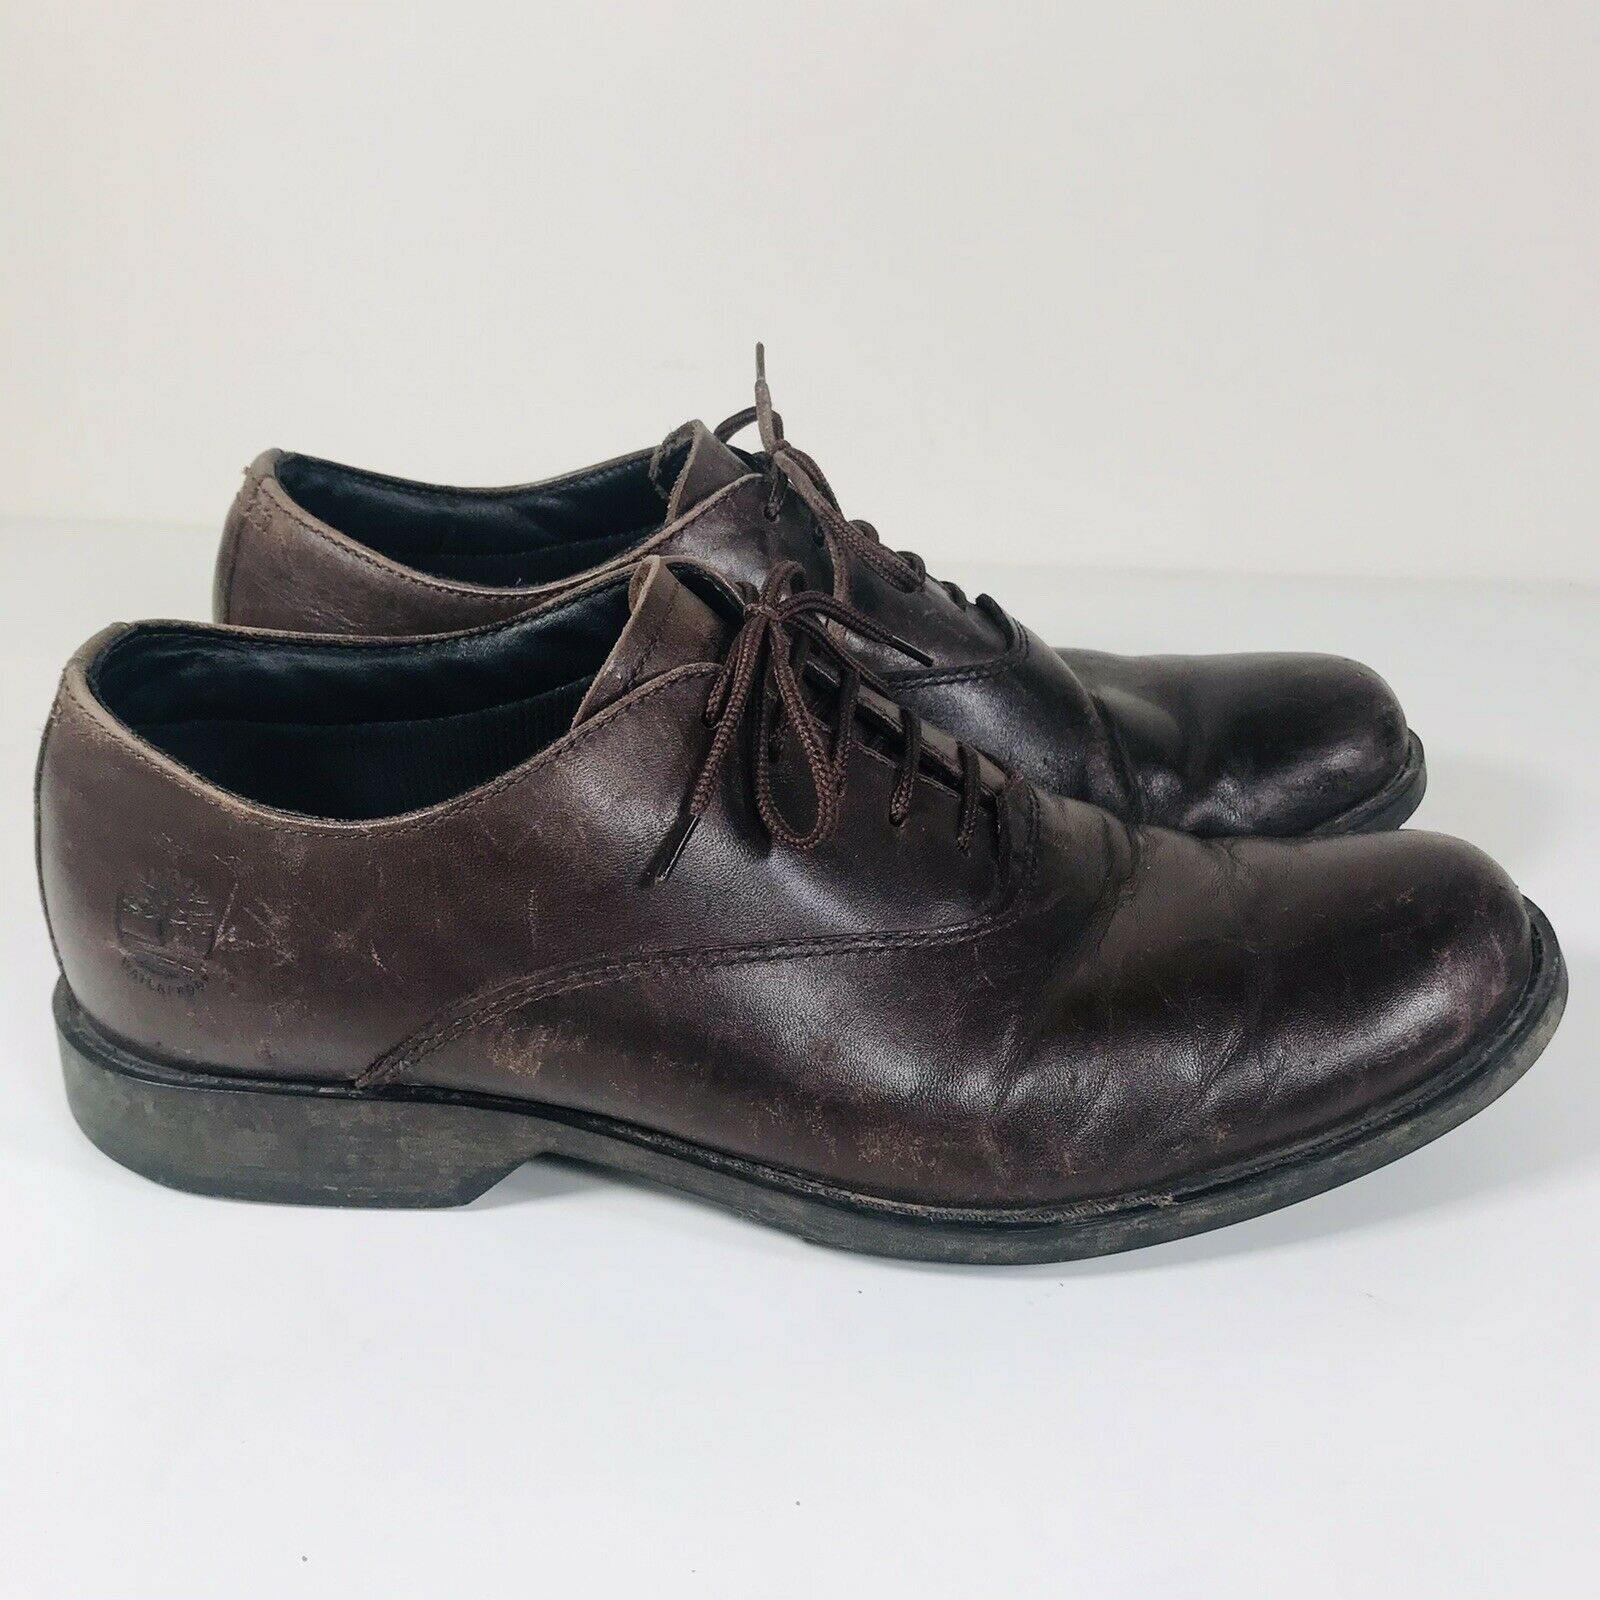 Timberland Shoes Men's Ortholite Orignal Leather Uk 8.5